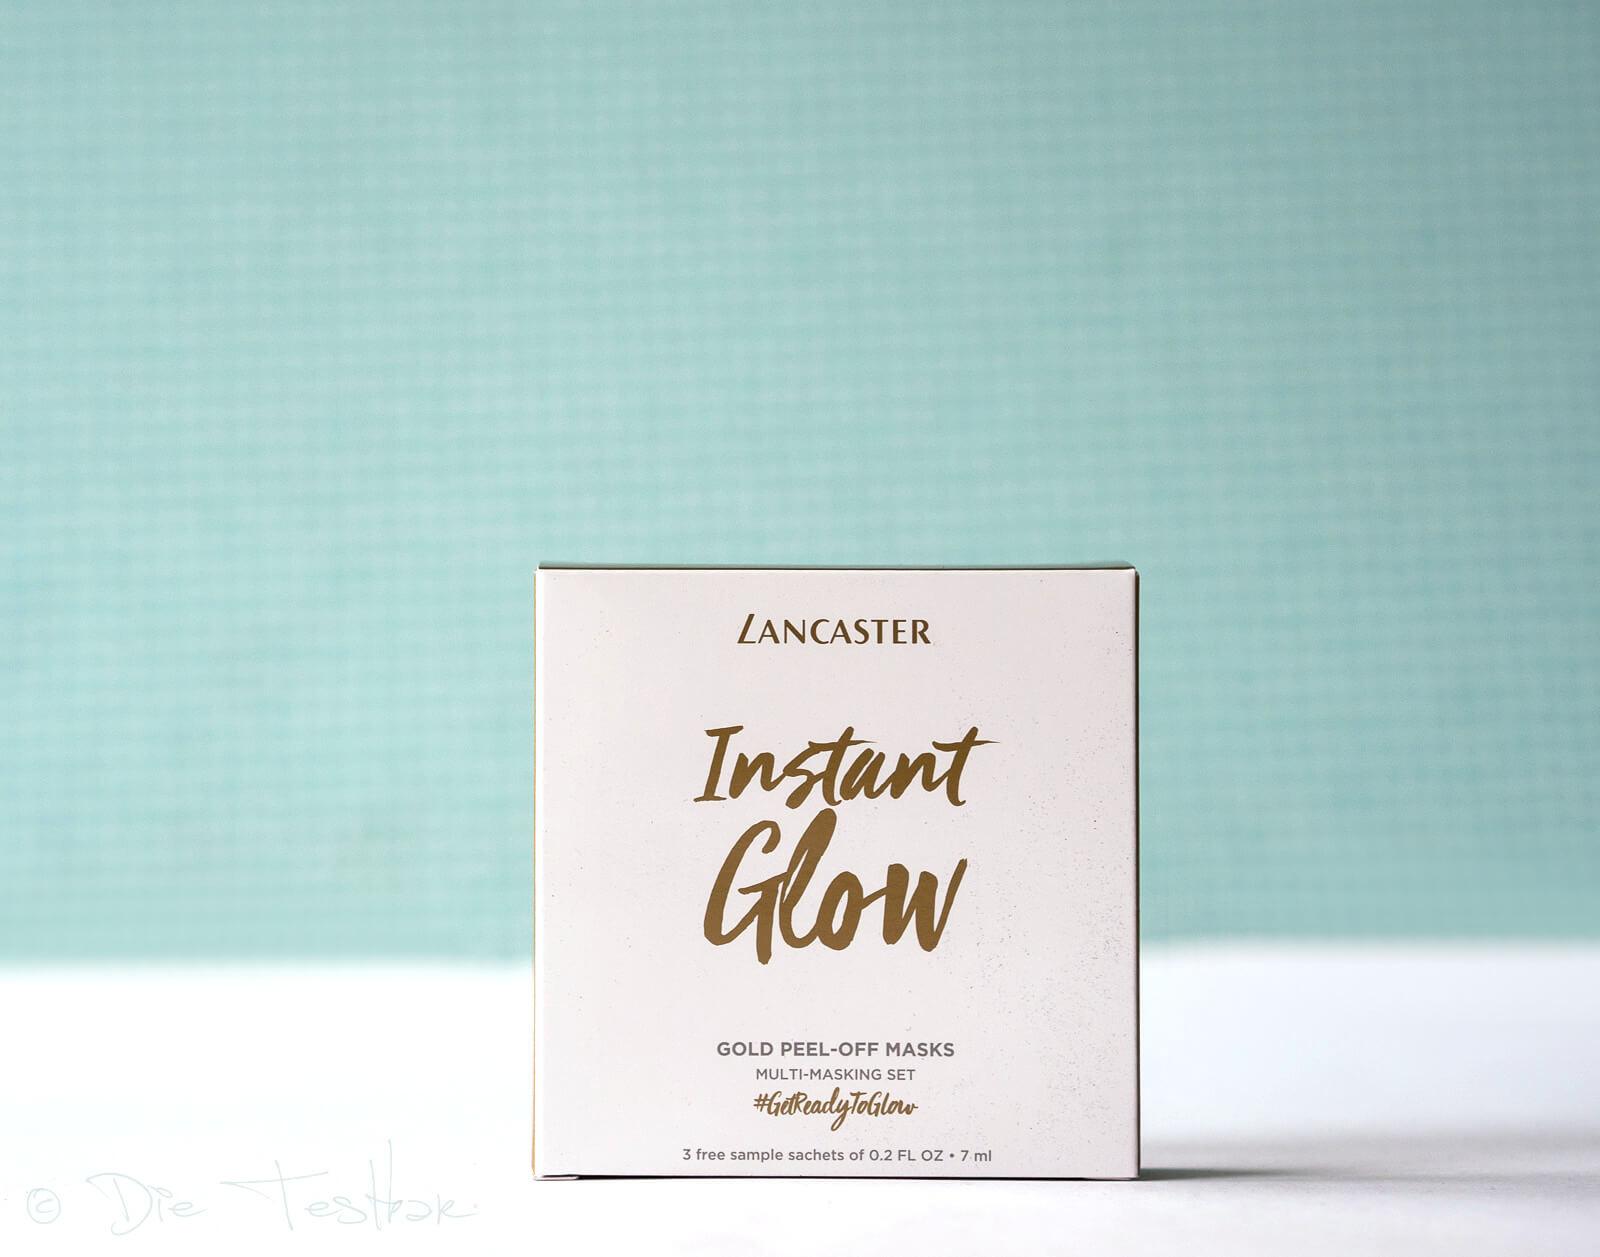 LANCASTER - Instant Glow Gesichtsmasken-Set